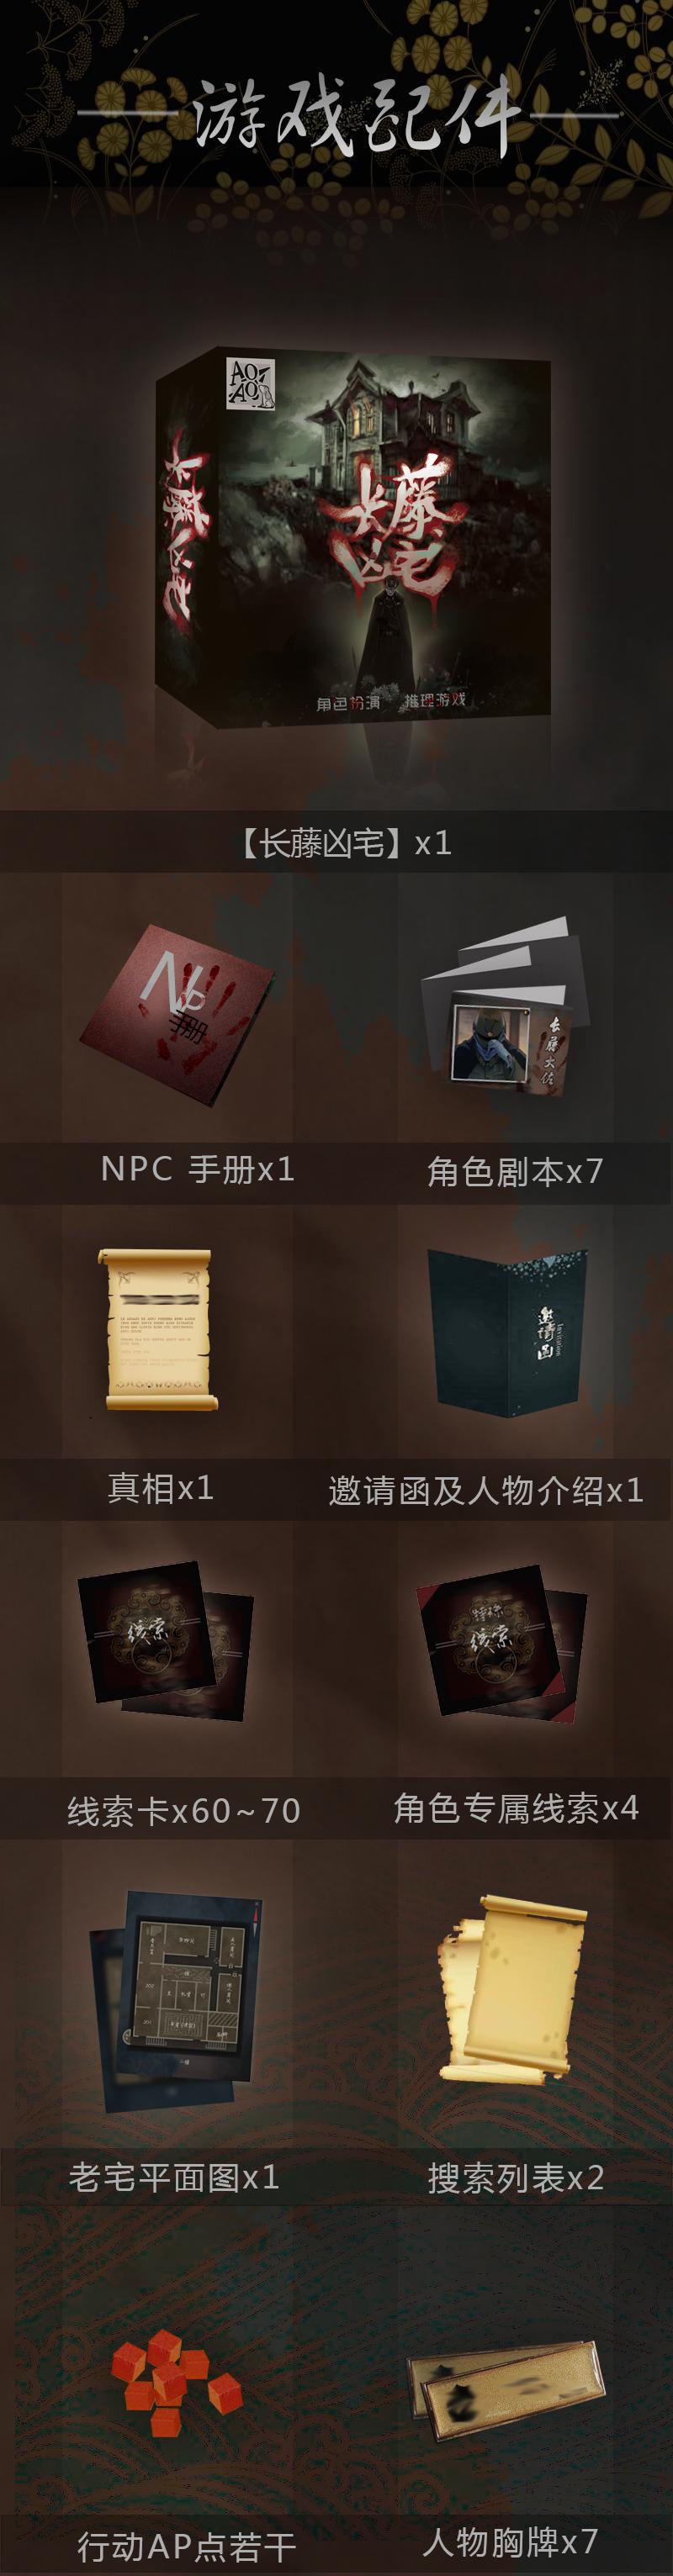 5-游戏配备.jpg